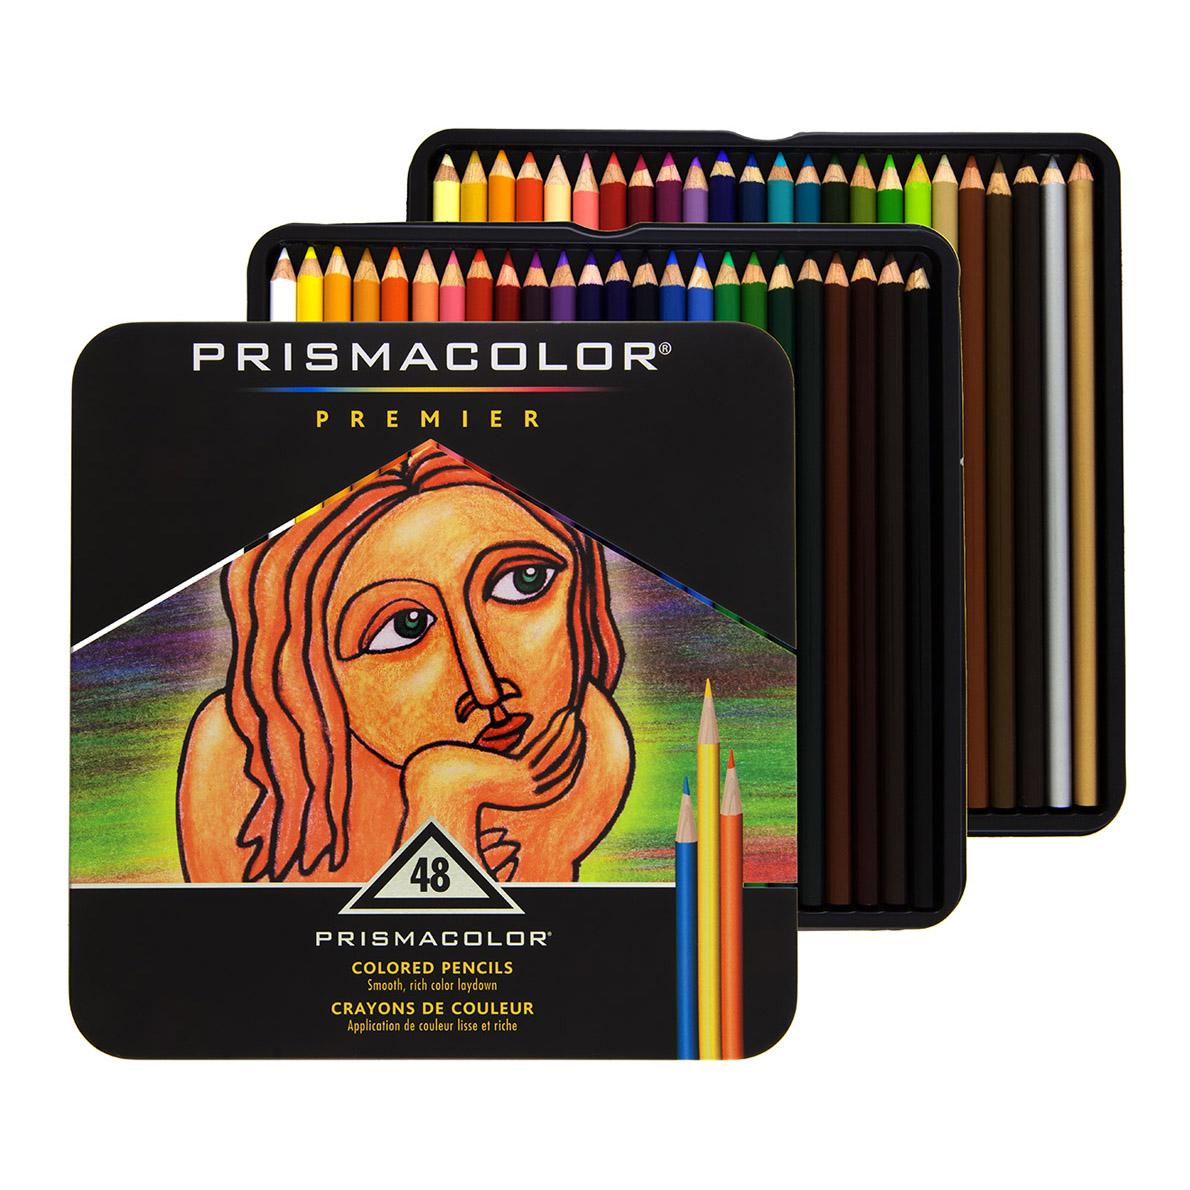 Prismacolor Premier Colored Pencils 48 Set 070735035981 02